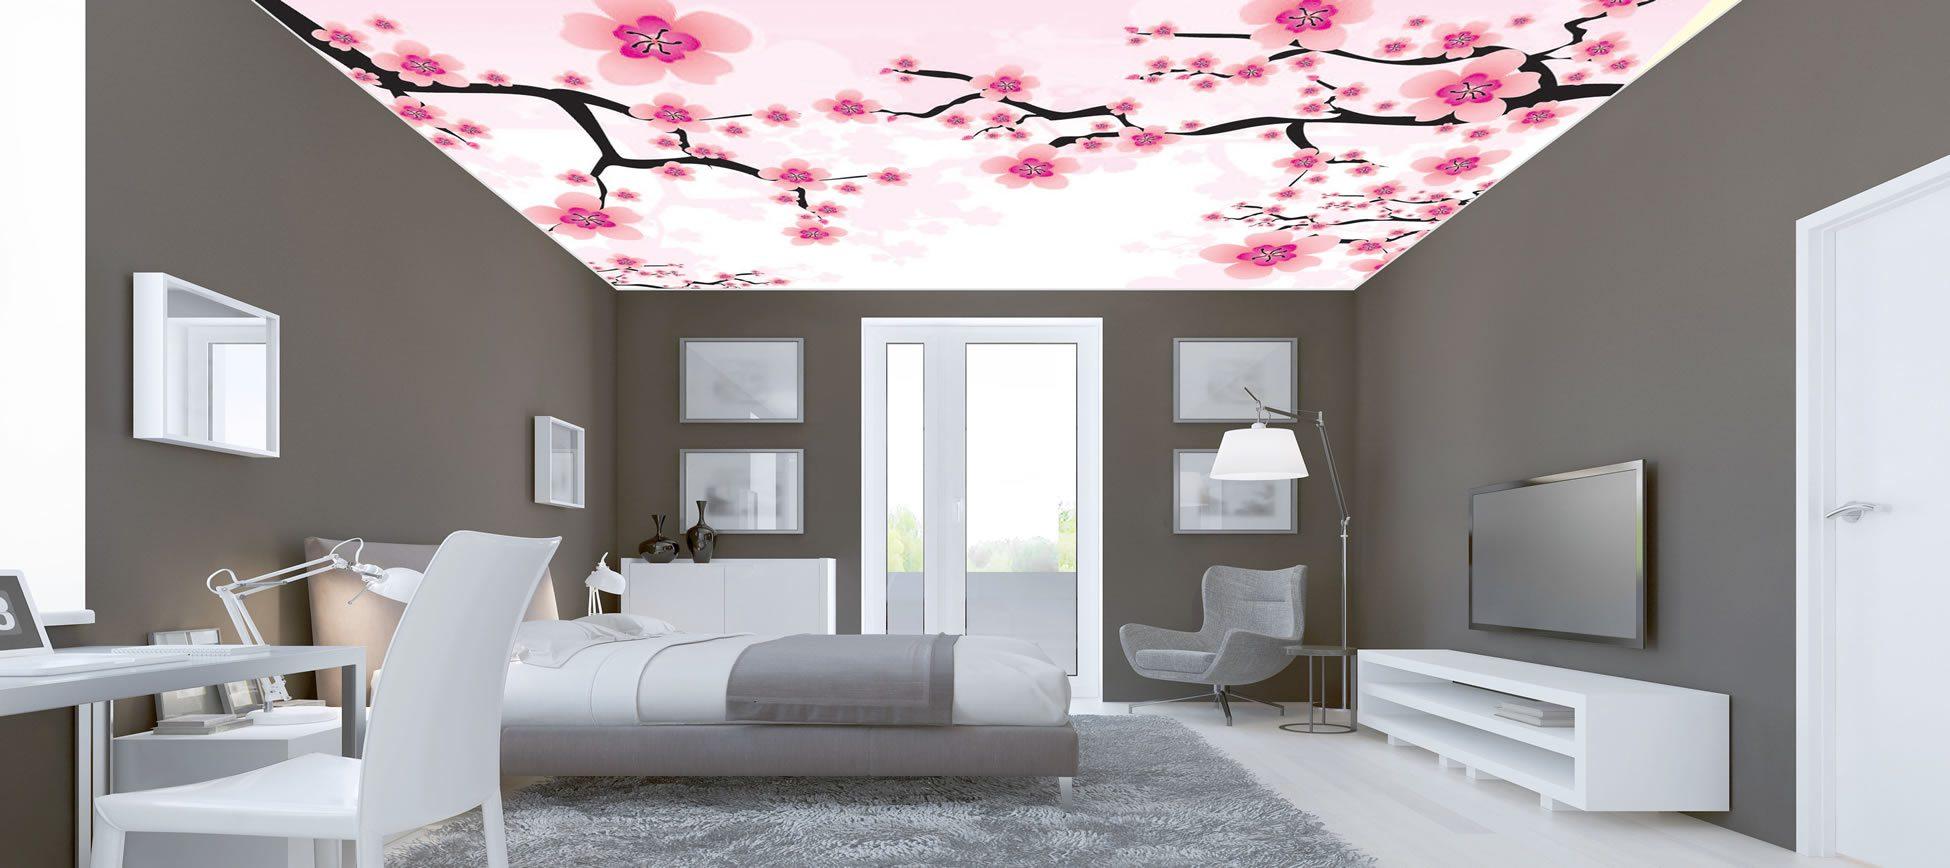 yatak odası gergi tavan